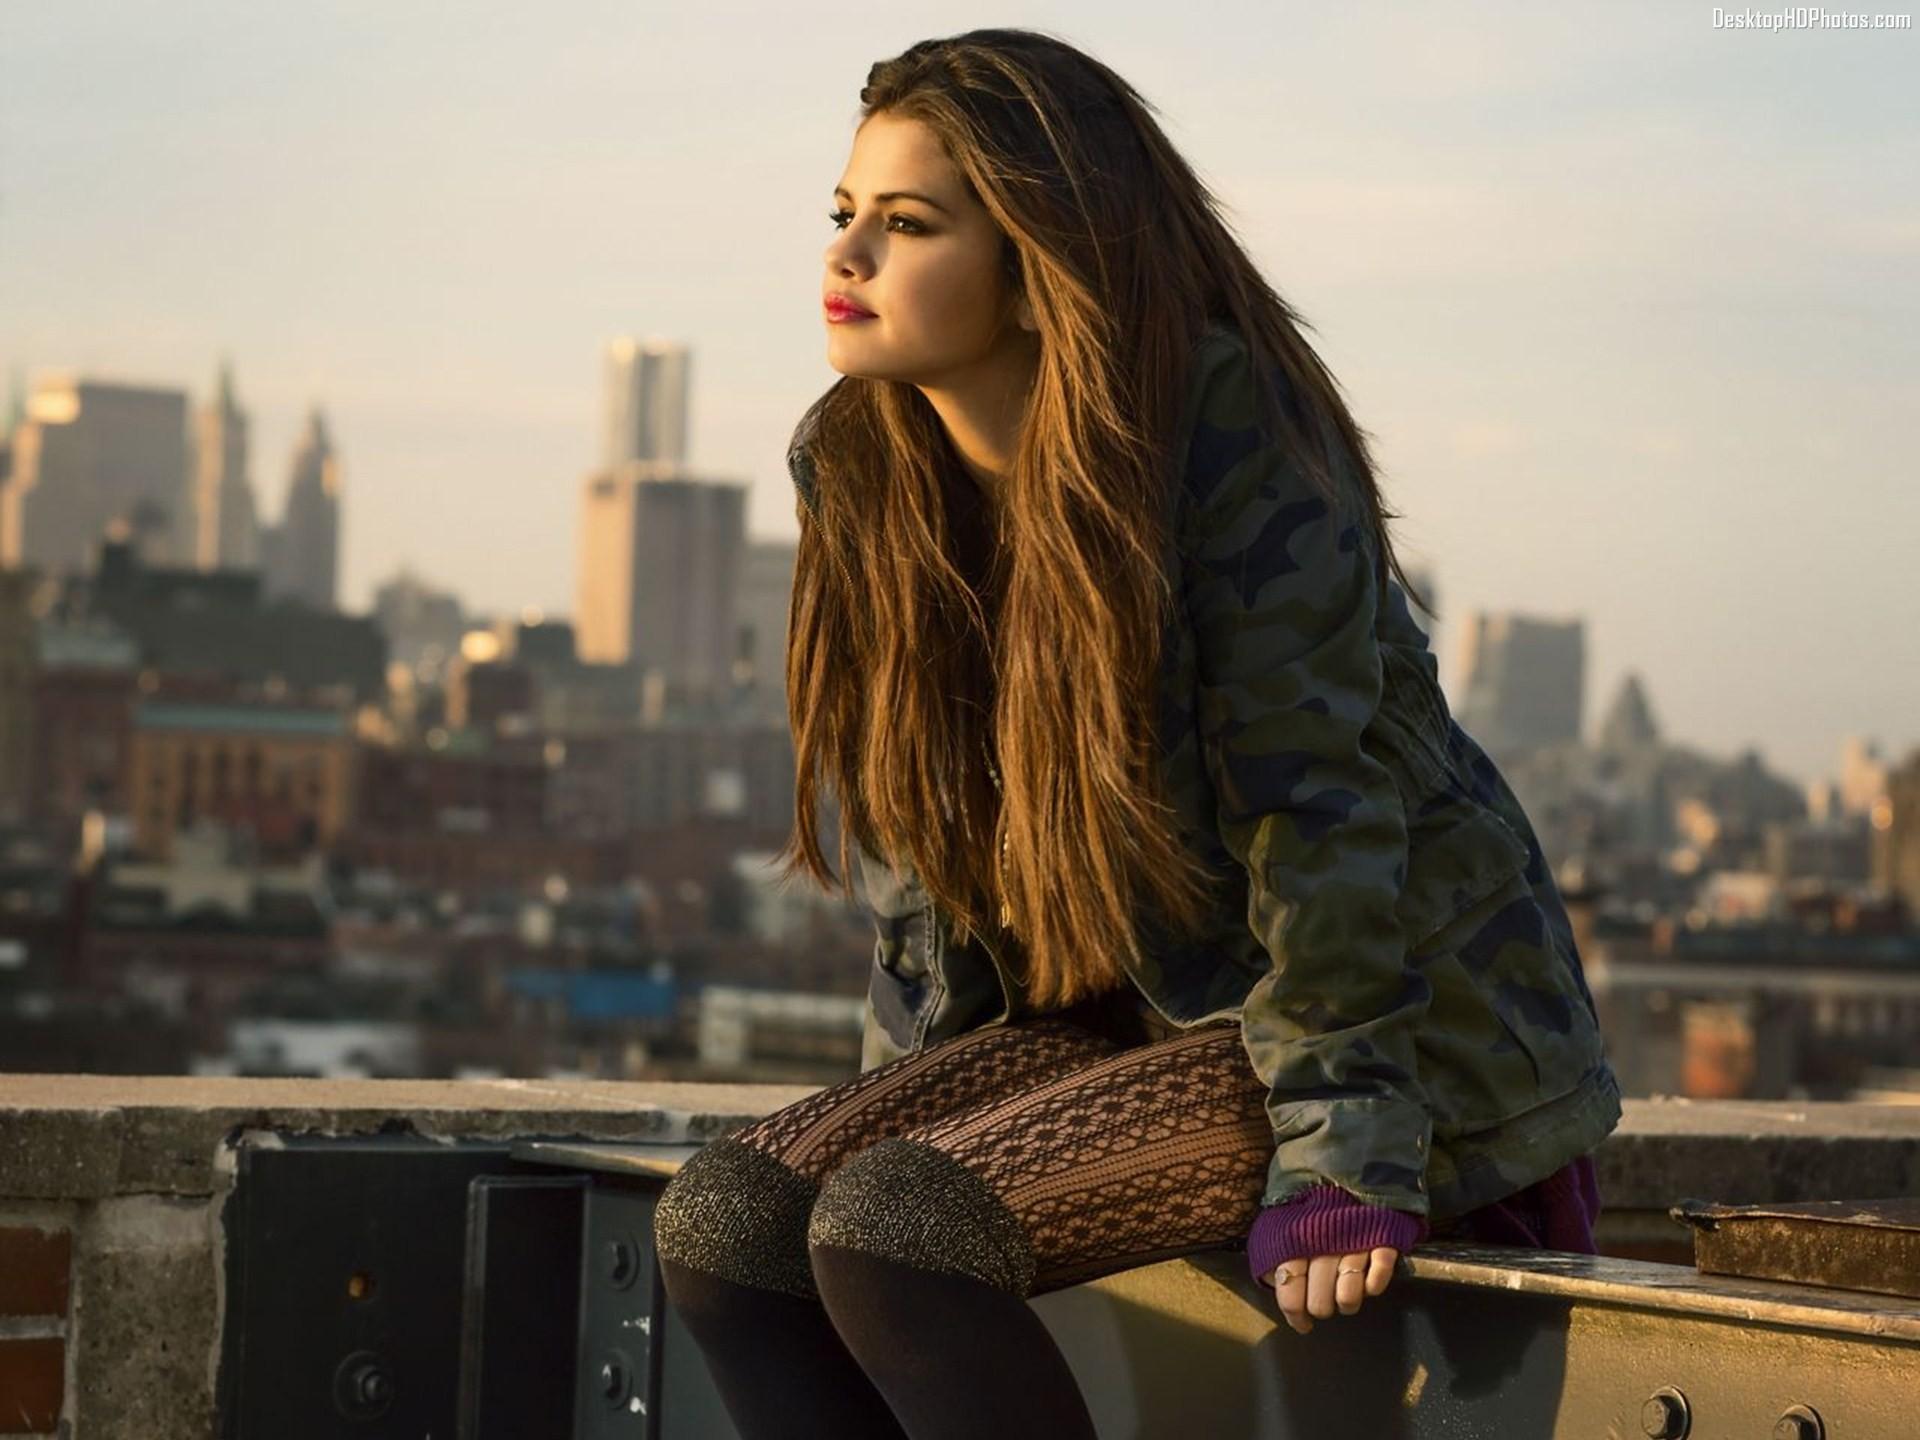 Free Download Lf911 Hqfx Selena Gomez 2015 Wallpaper Selena